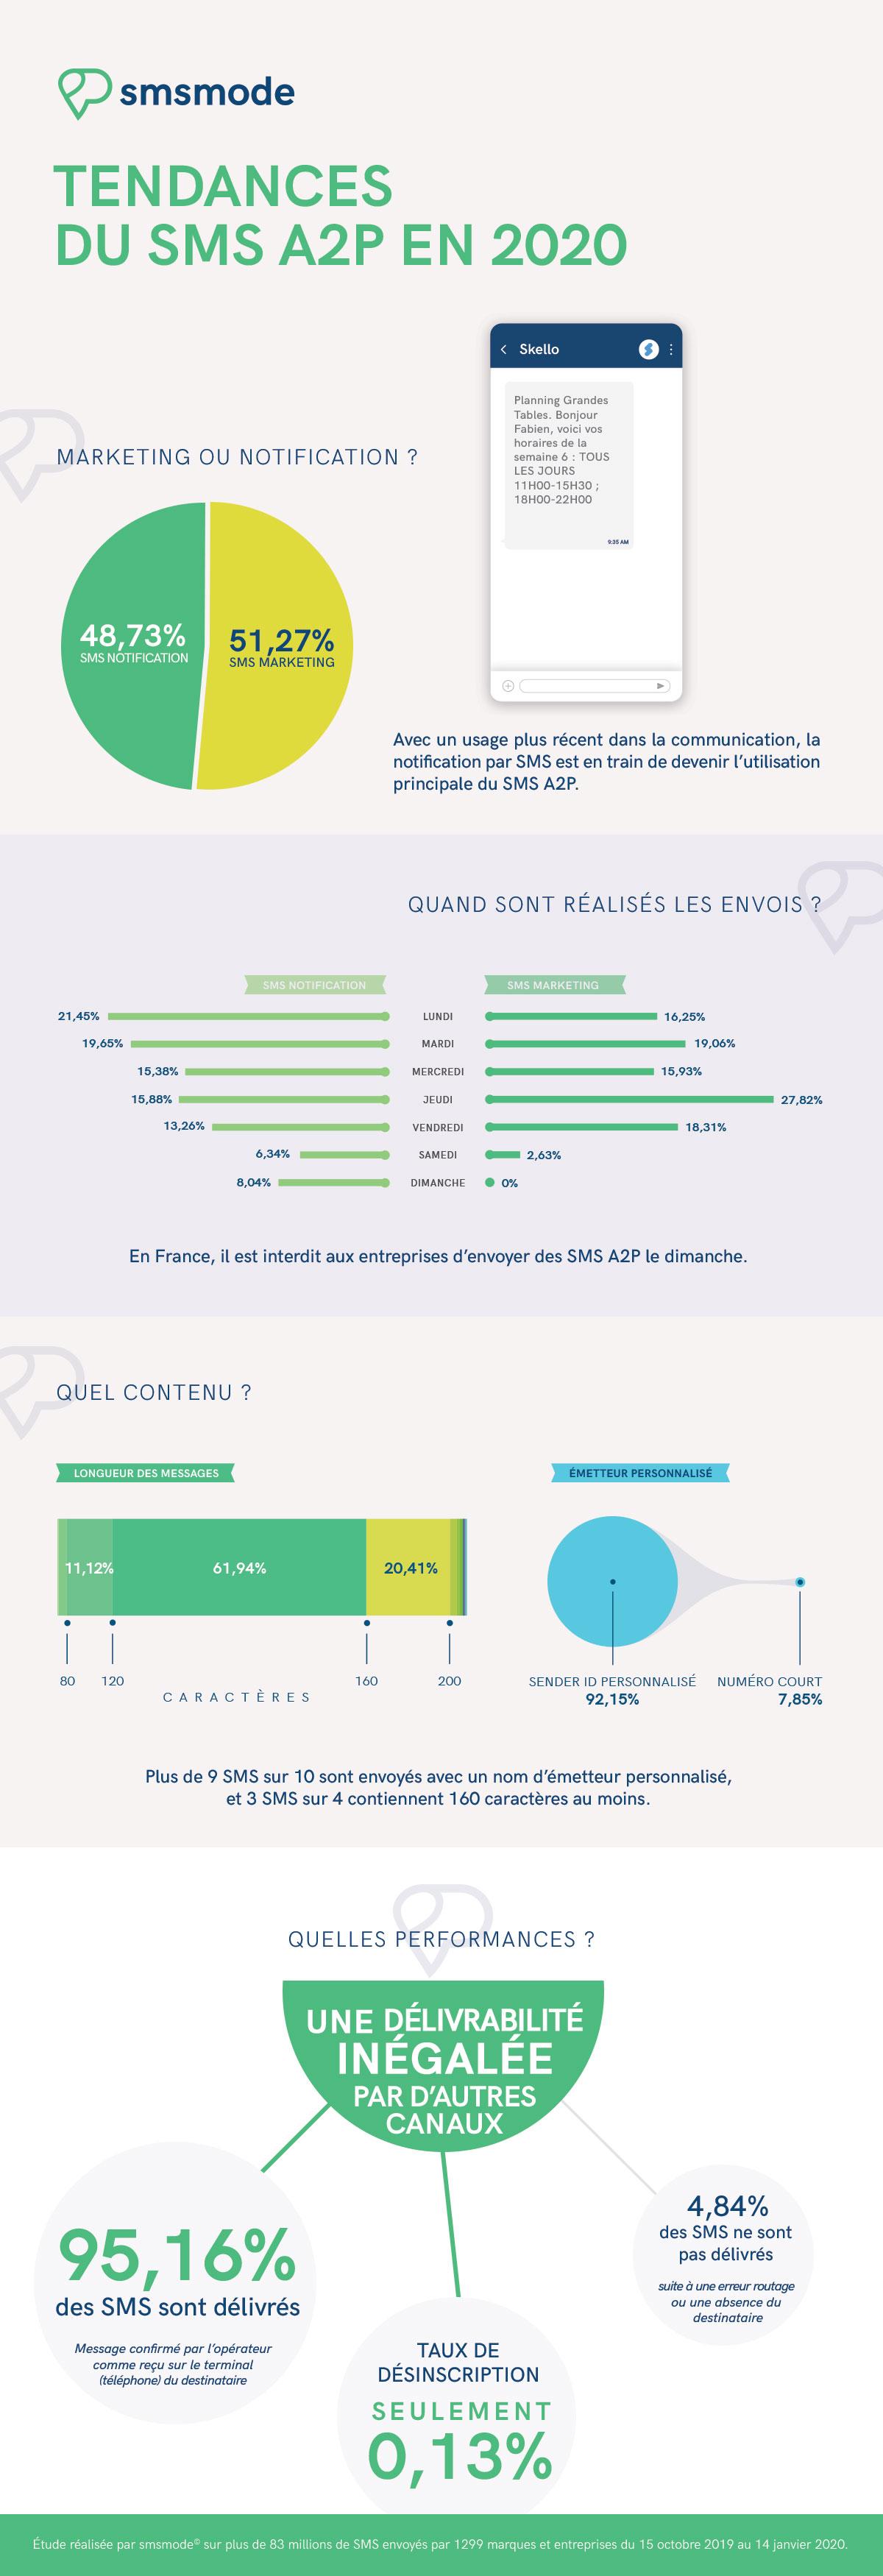 infographie Les tendances en SMS A2P